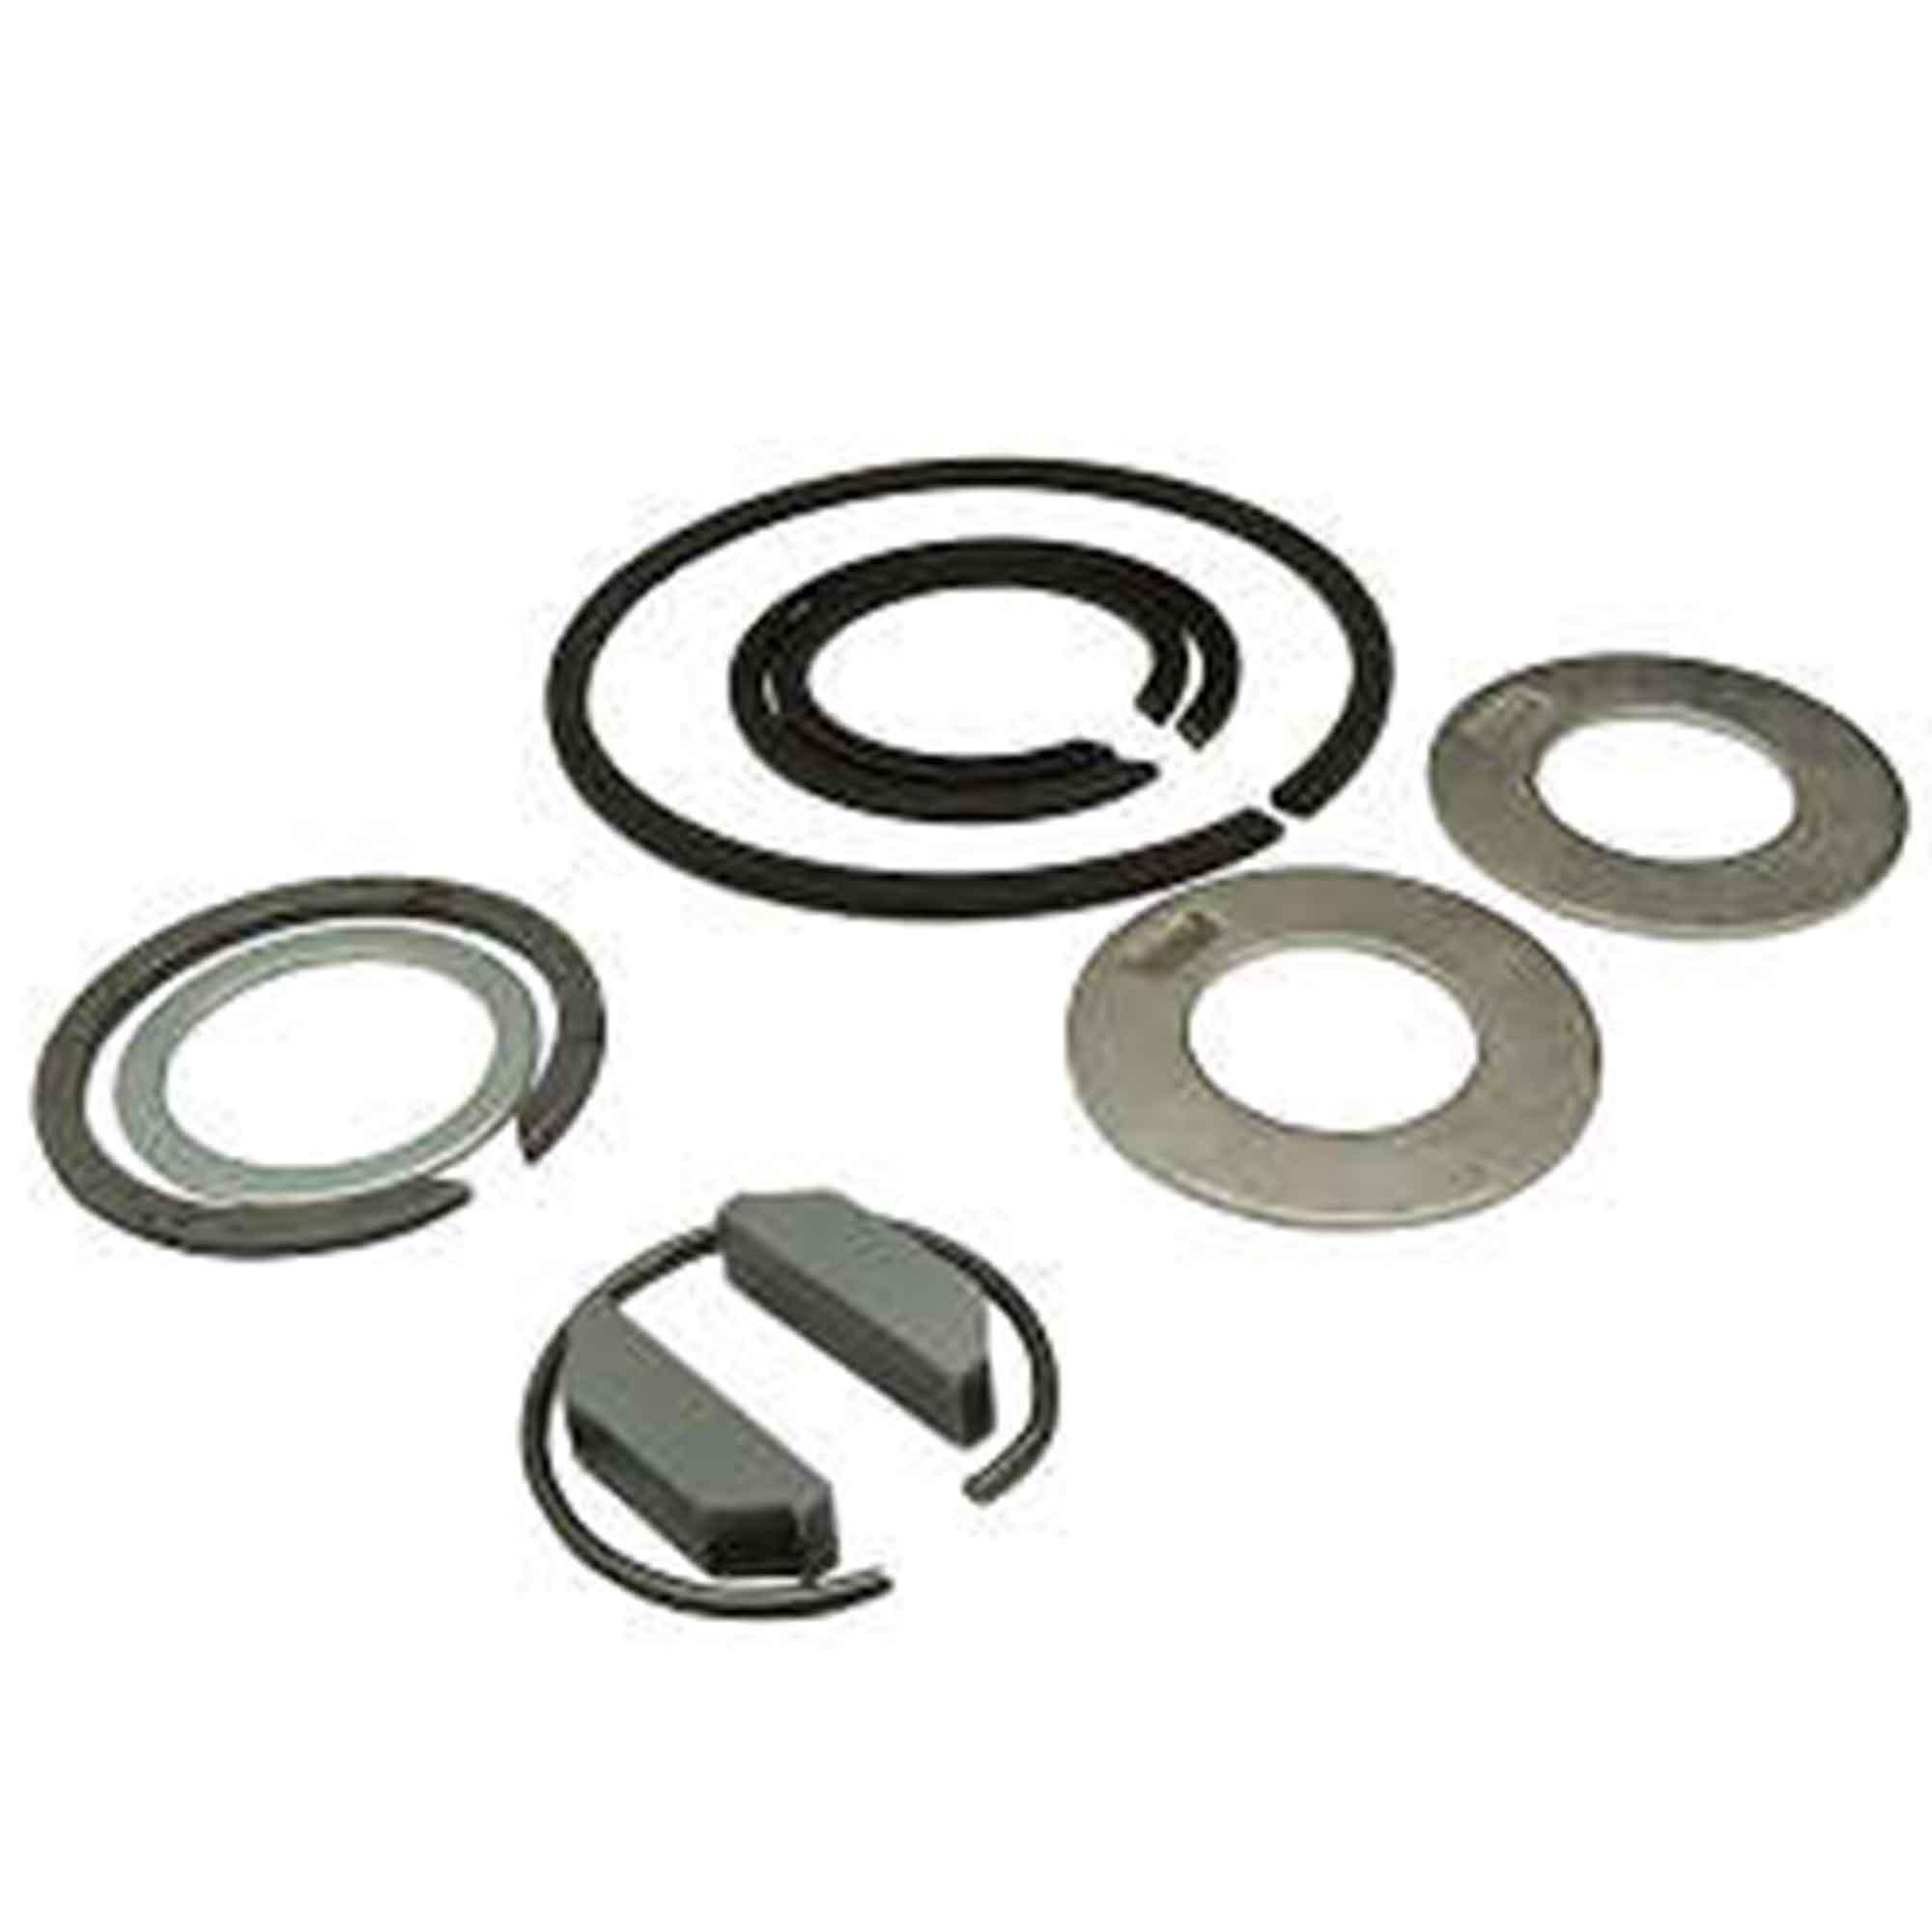 SUK511 - Kit de anéis travas câmbio